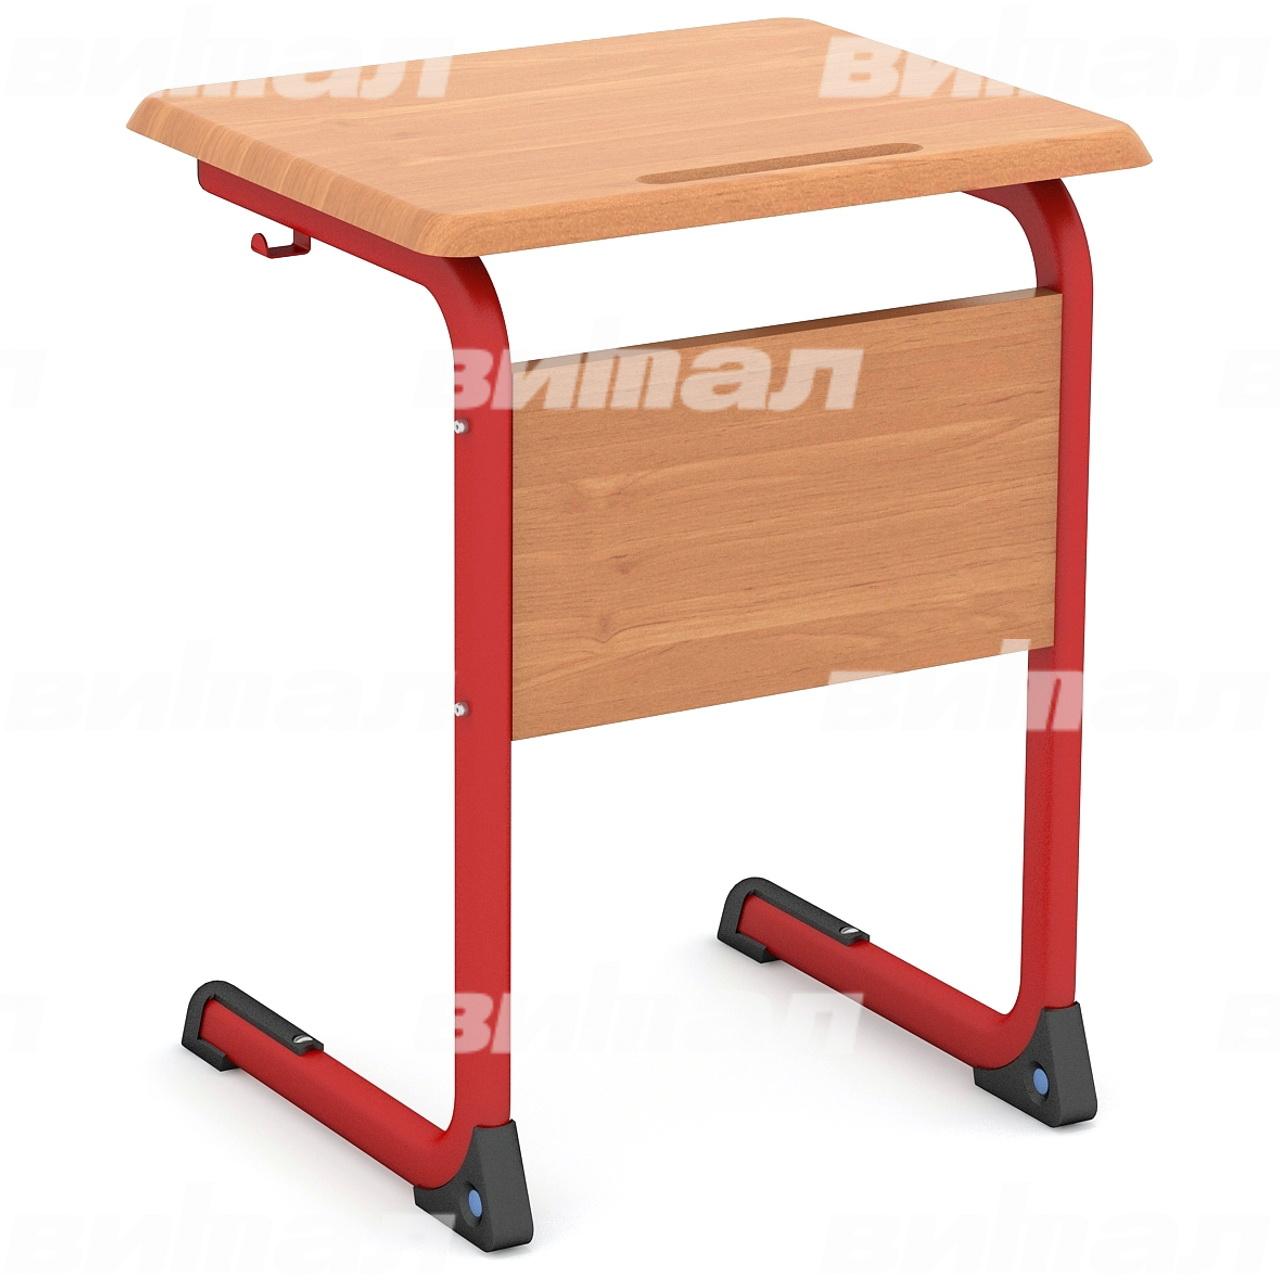 Стол ученический 1-местный нерегулируемый (гр. 3, 4, 5 или 6) МДФ красный Бук 6 МДФ плоскоовальная